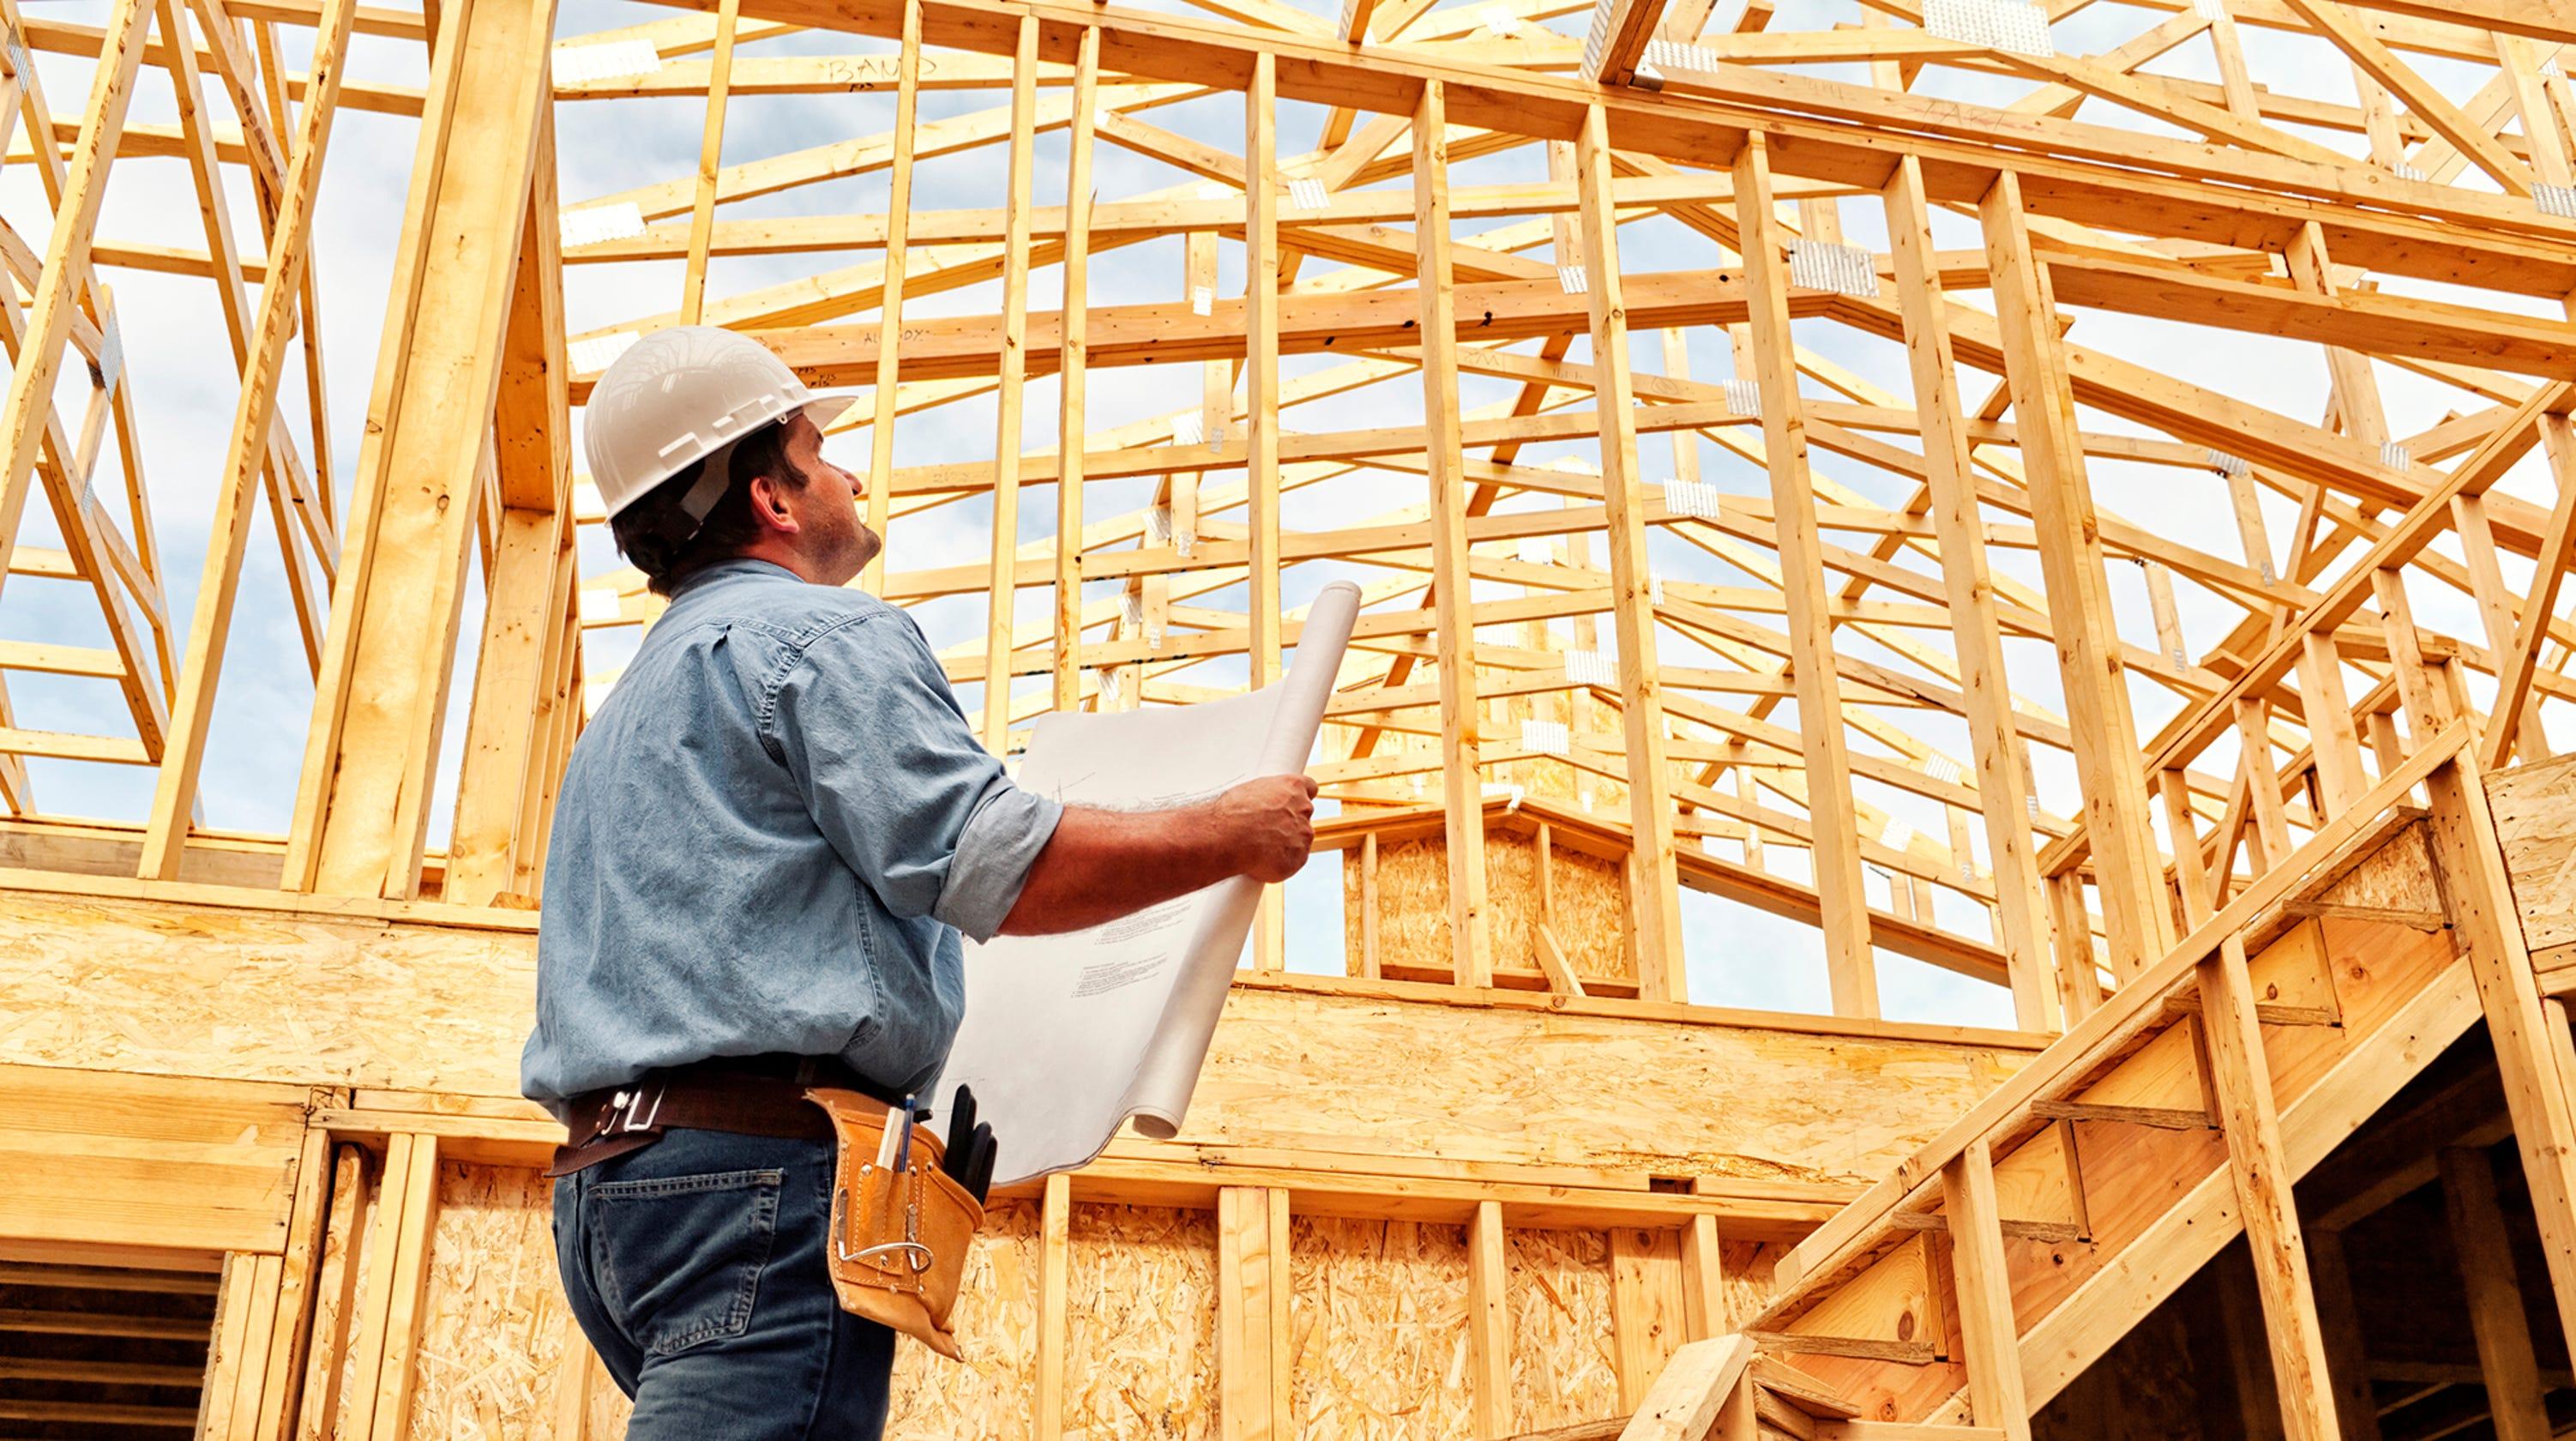 ผลการค้นหารูปภาพสำหรับ Construction